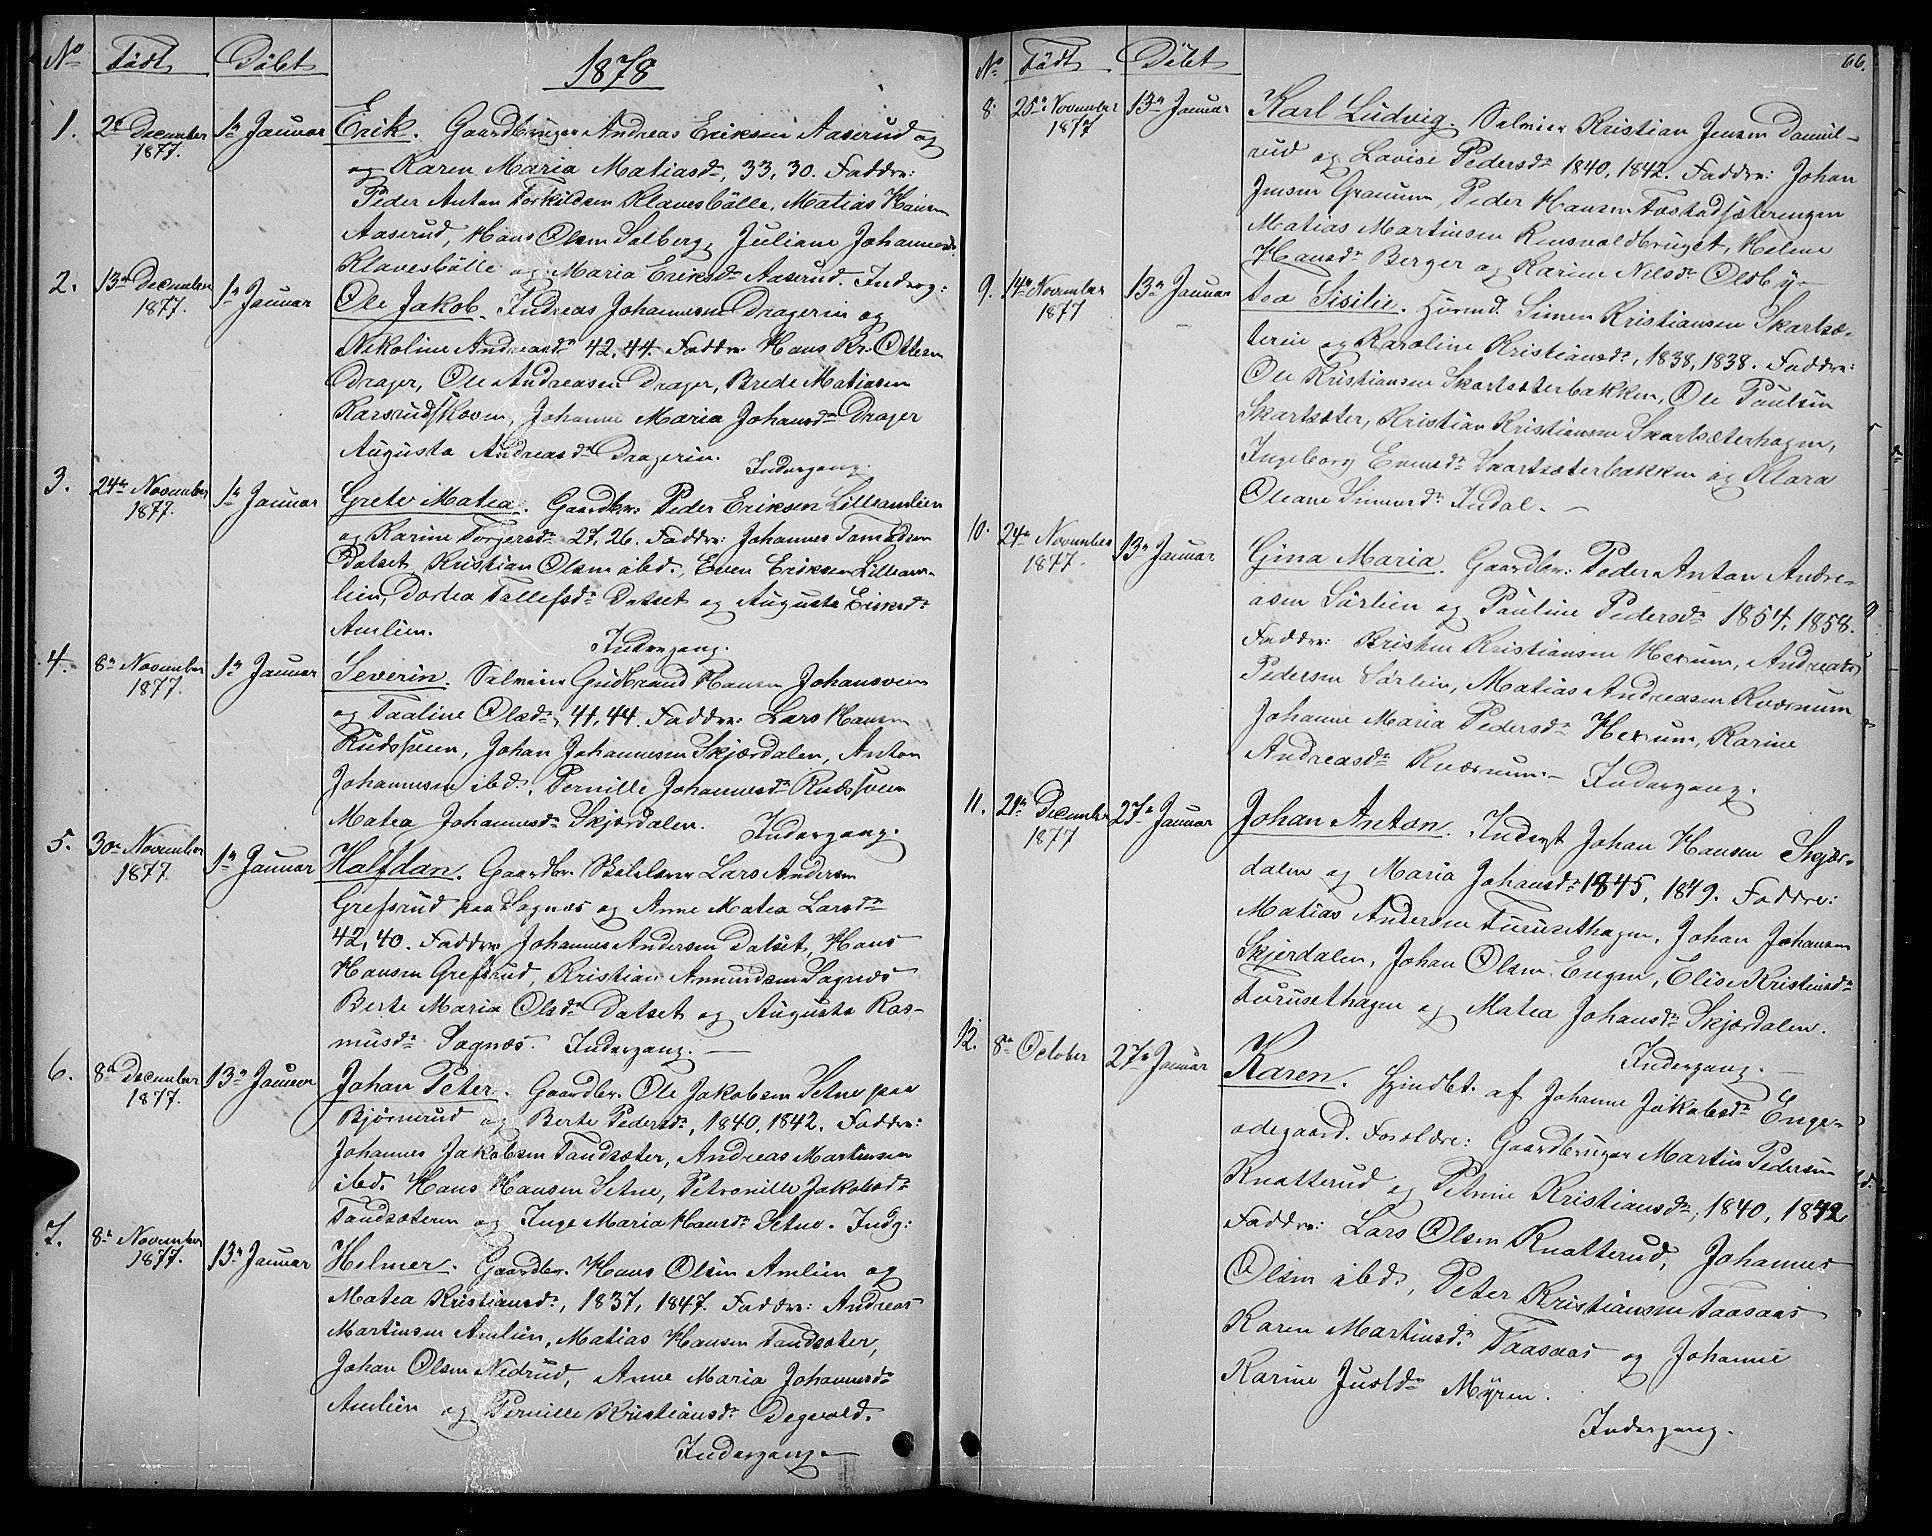 SAH, Vestre Toten prestekontor, H/Ha/Hab/L0006: Klokkerbok nr. 6, 1870-1887, s. 66